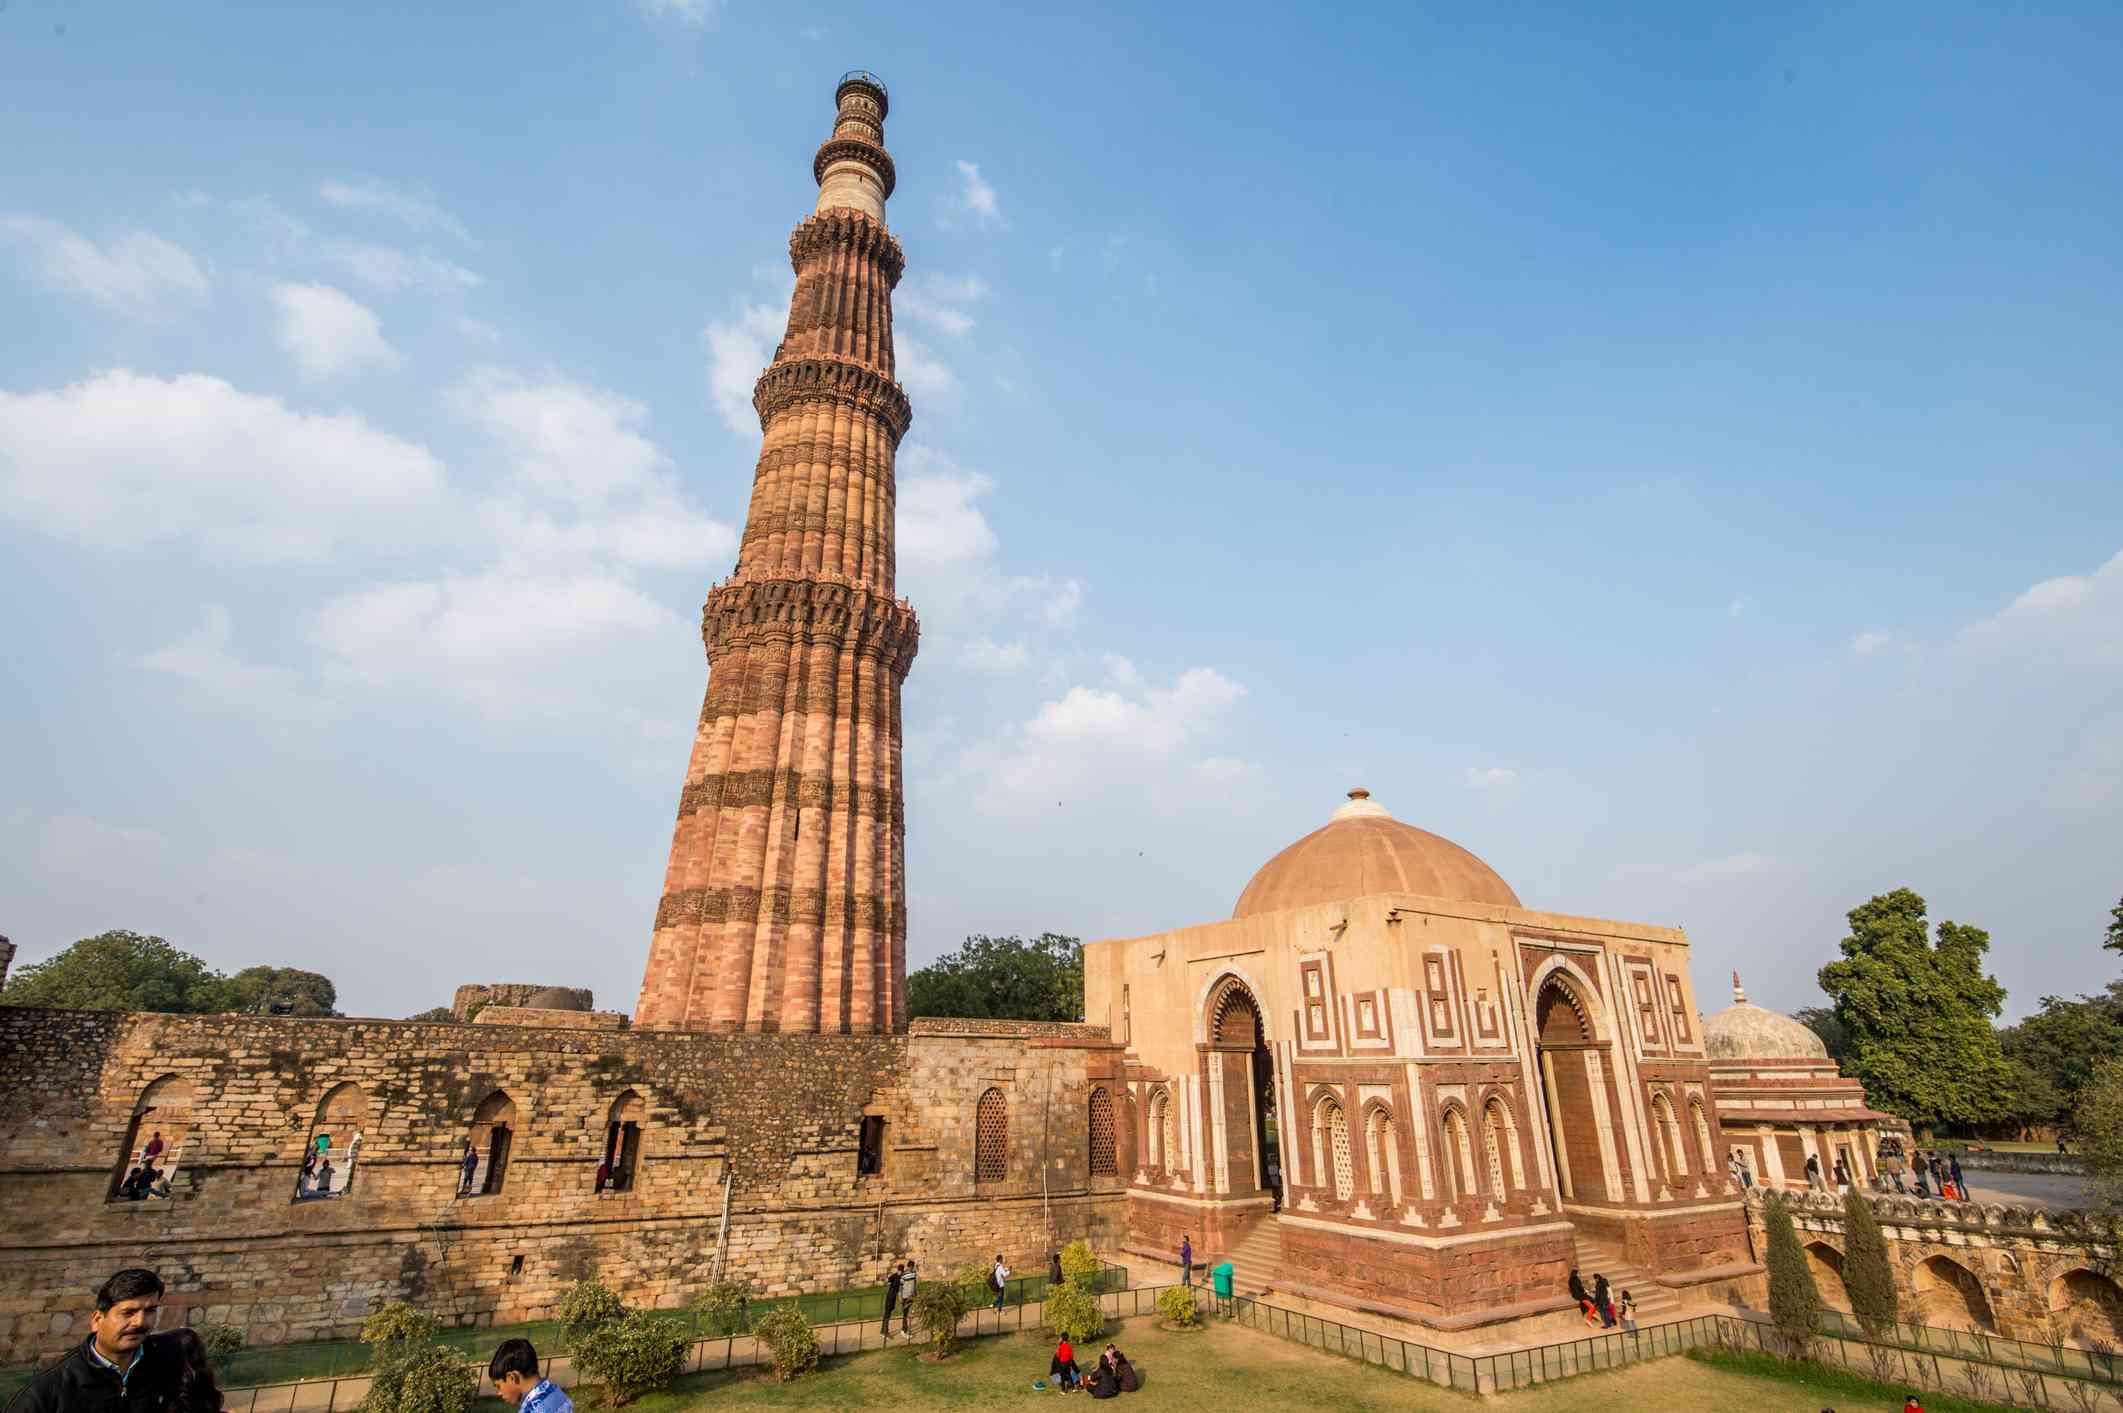 Qutub Minar and the Qutub complex